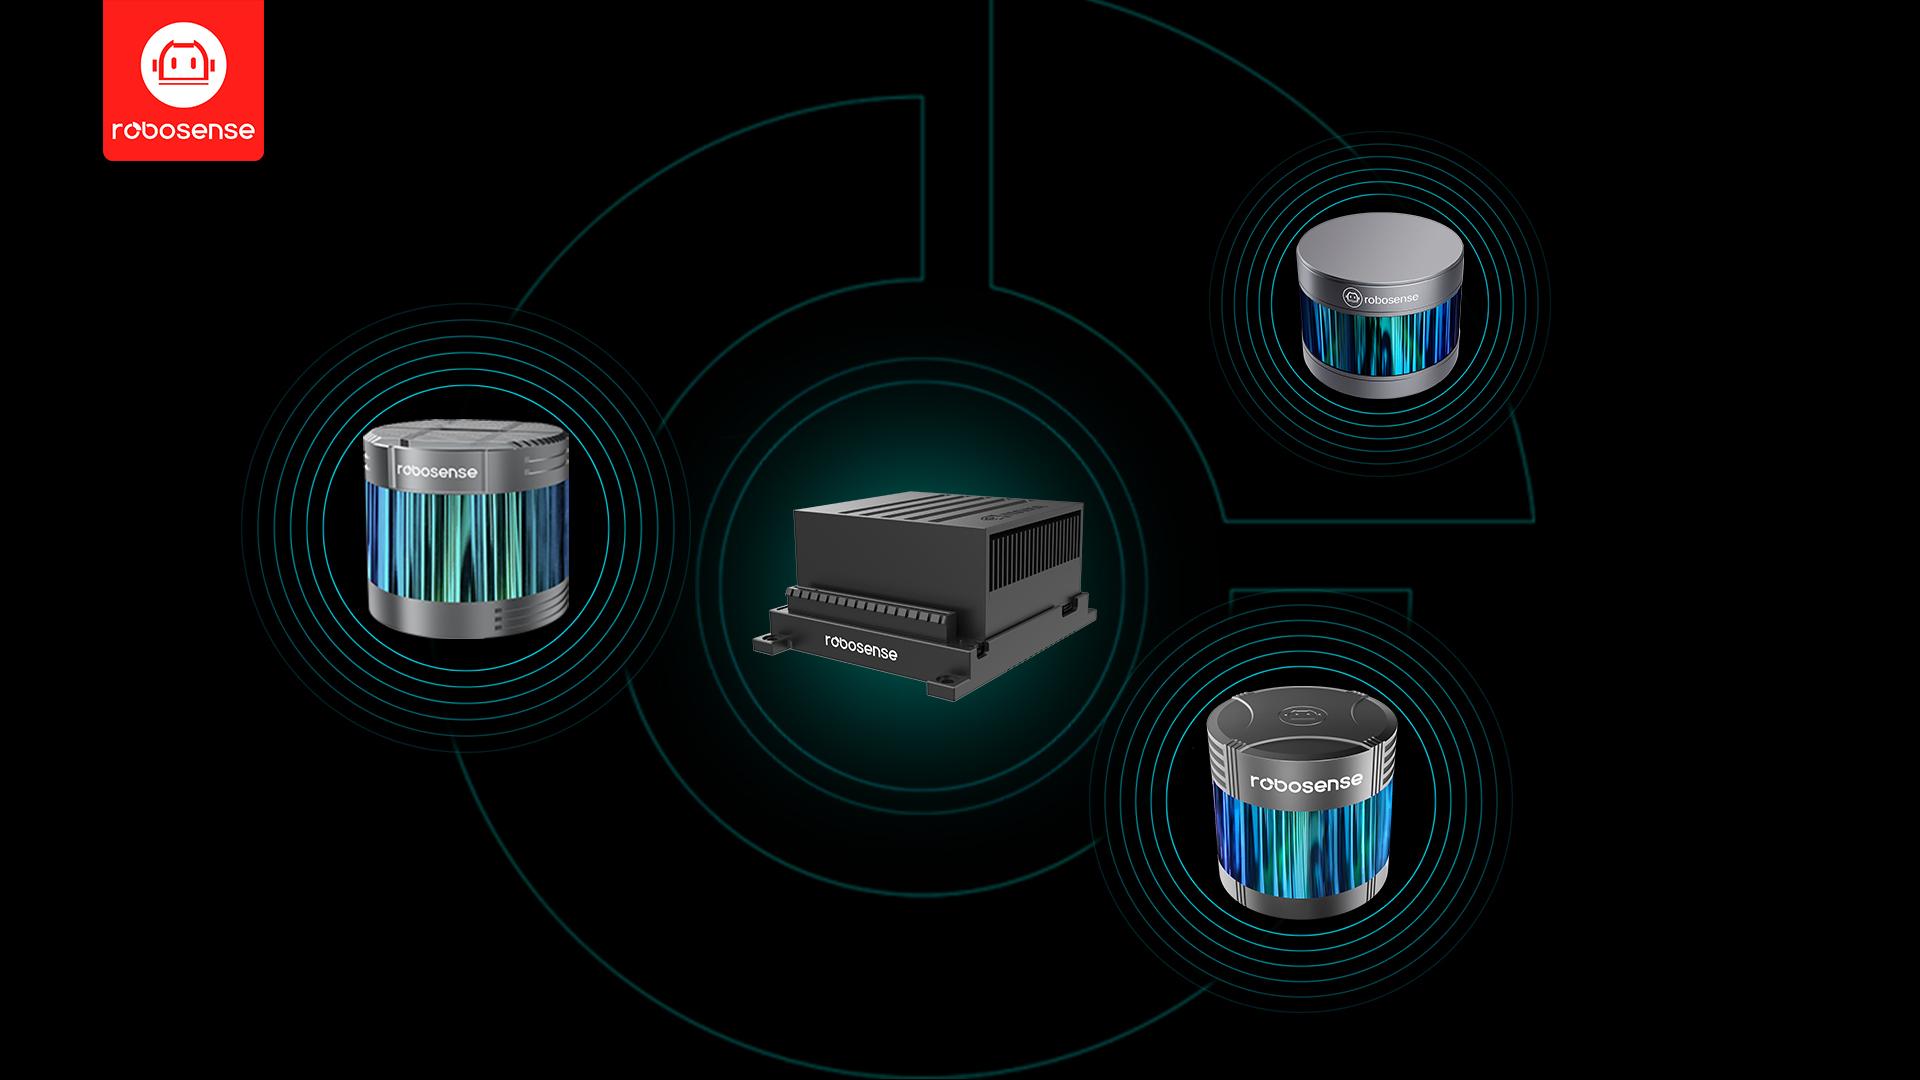 NVIDIA Jetson AGX Xavier助力RoboSense打造新一代AI感知算法